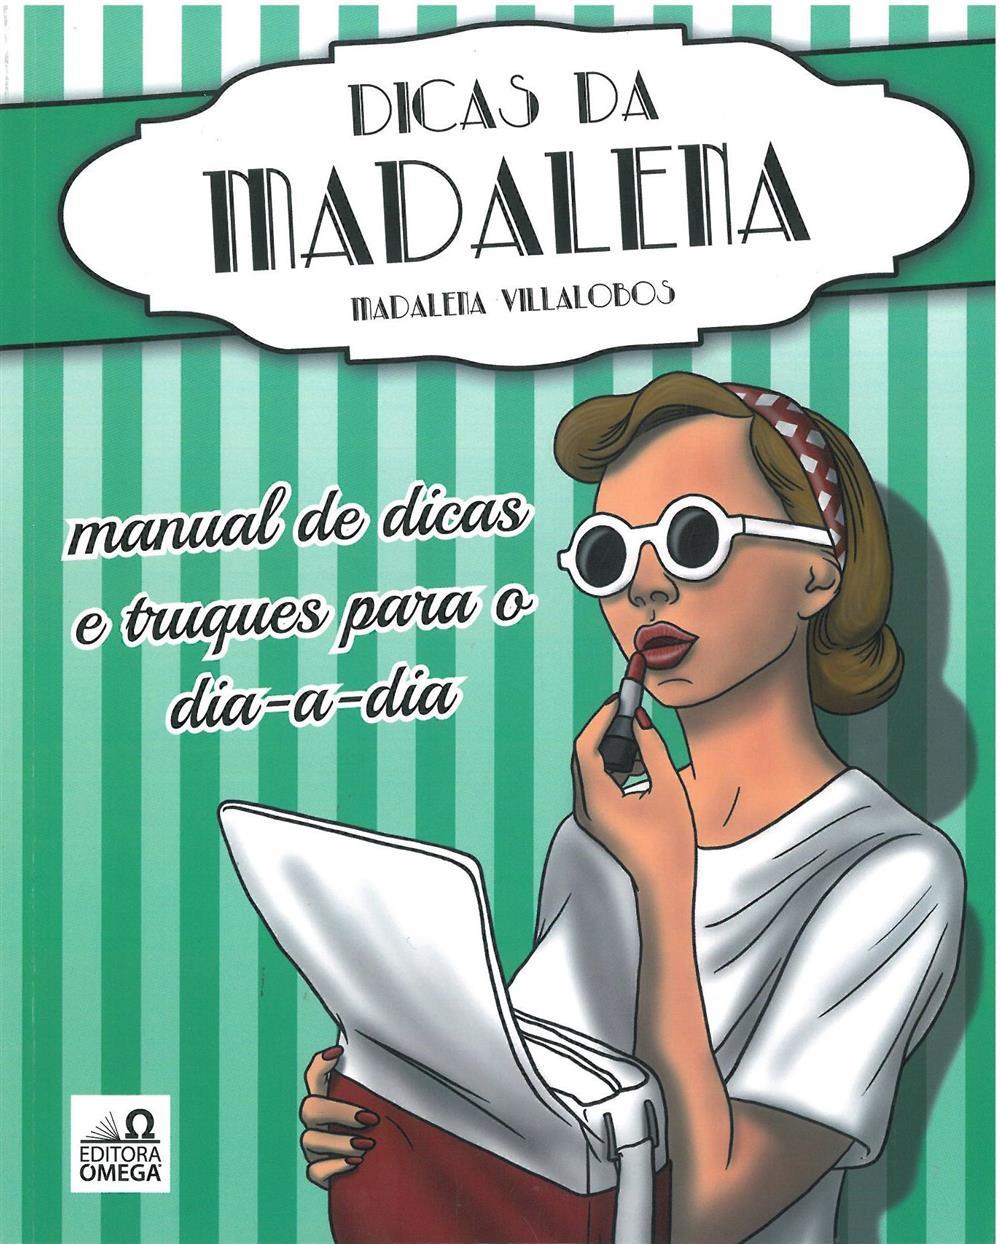 Dicas da Madalena_manual de dicas e truques para o dia-a-dia_.jpg